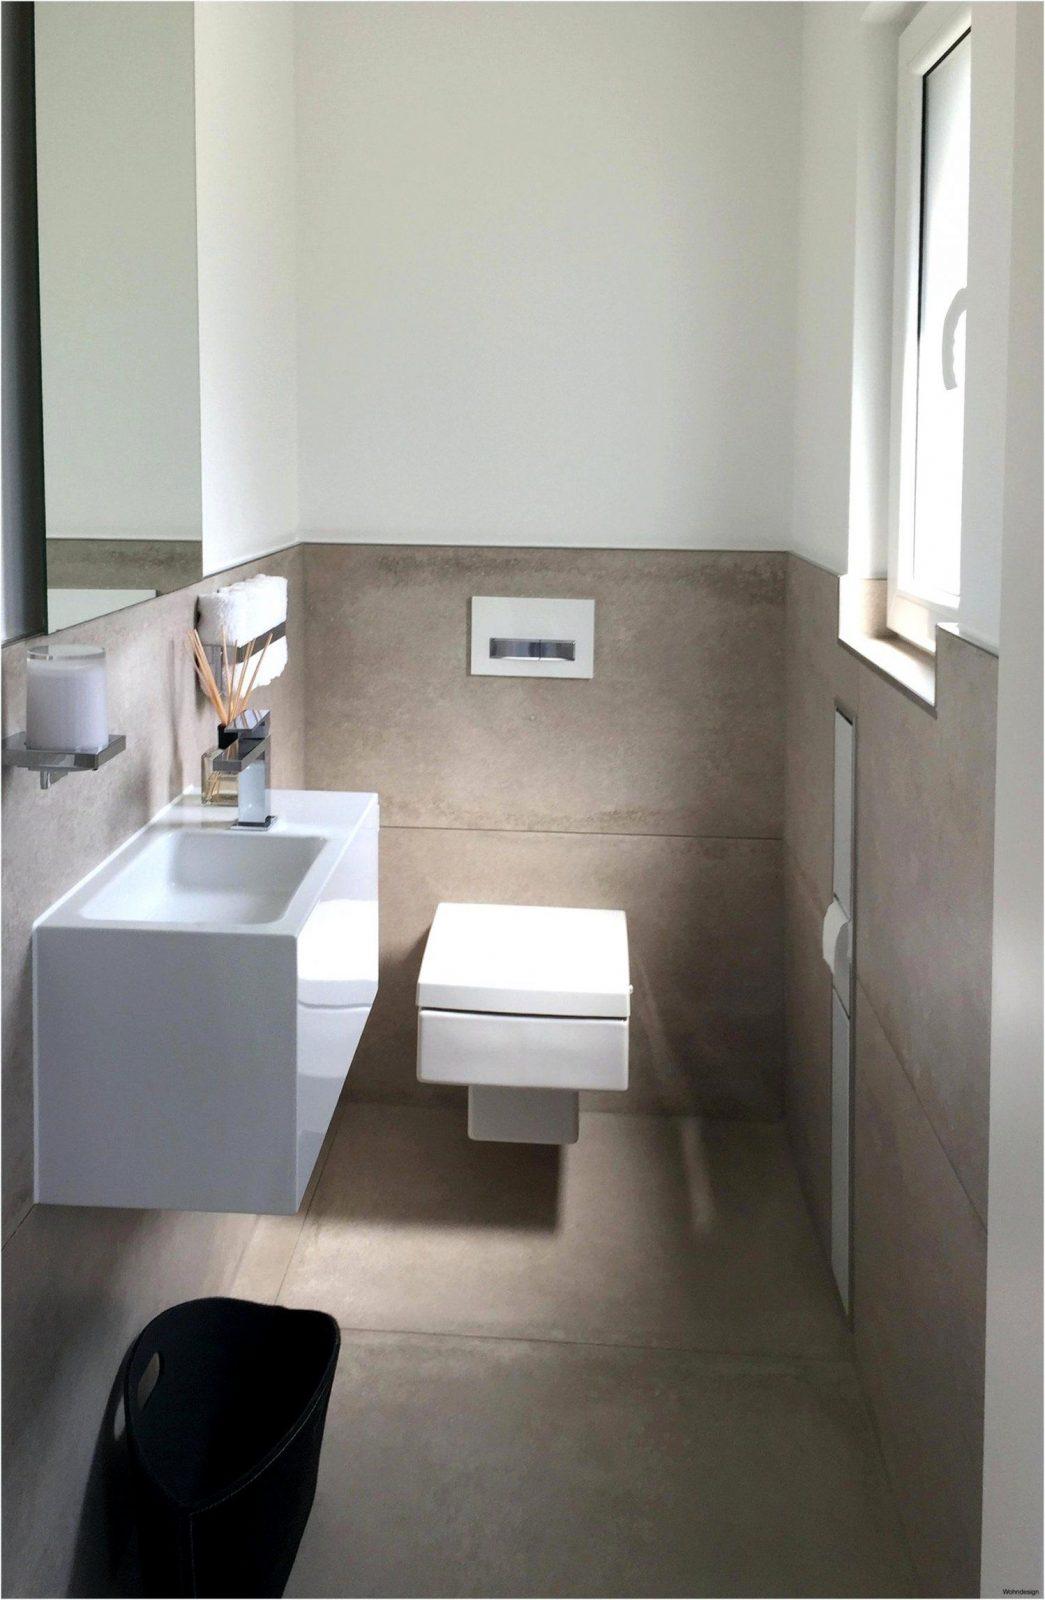 gaste wc gestaltung beispiele inspirational wc fliesen bilder best von g ste wc gestalten ohne. Black Bedroom Furniture Sets. Home Design Ideas